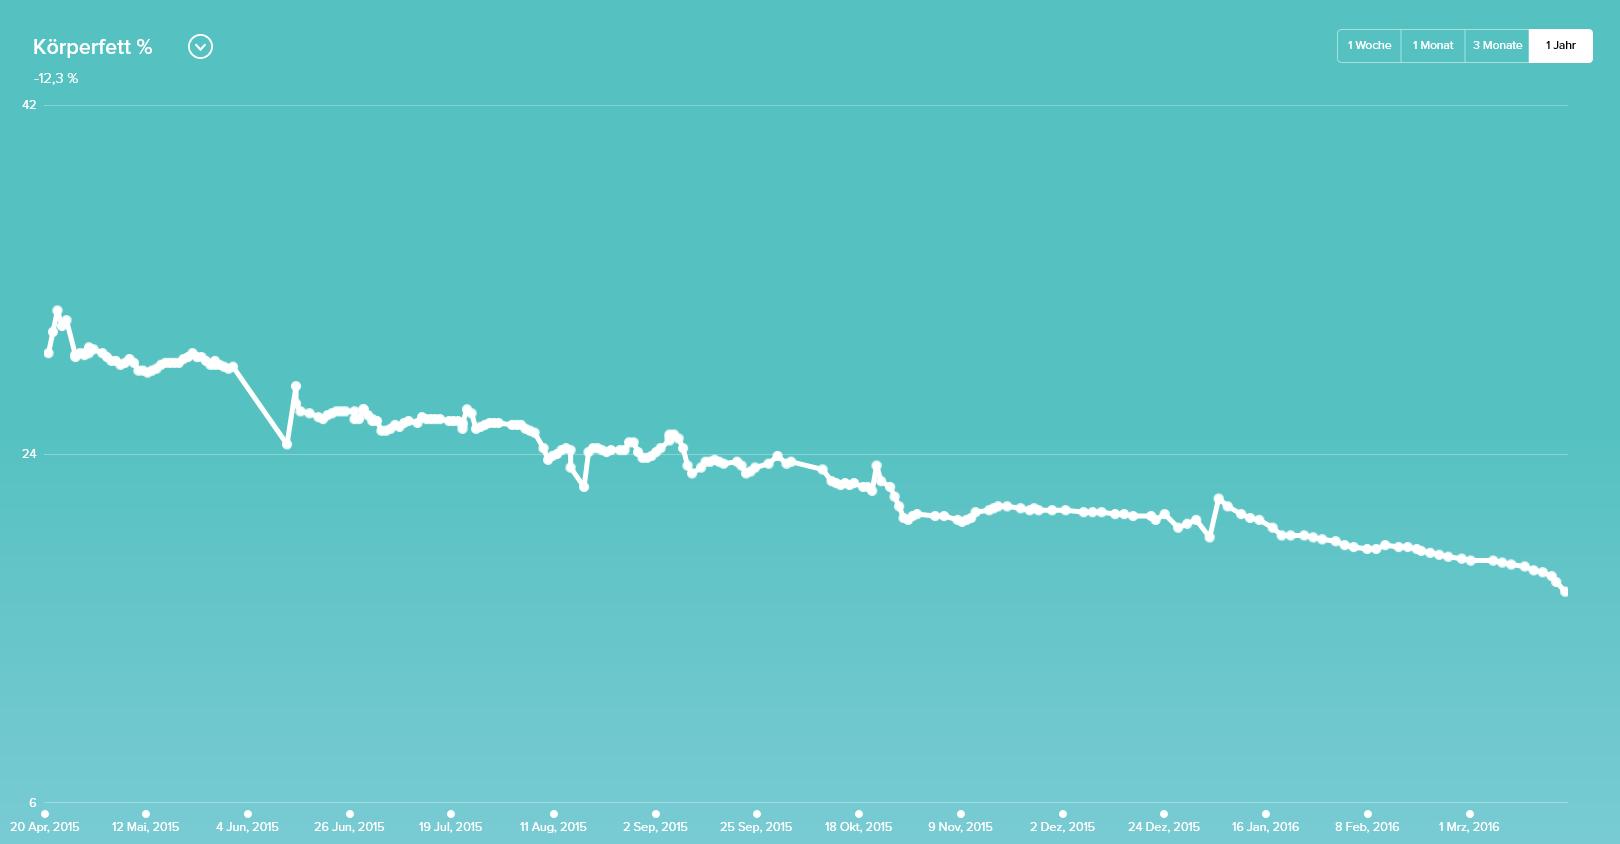 reduziert: 1 Jahr nach dem Neustart fehlen über 30kg